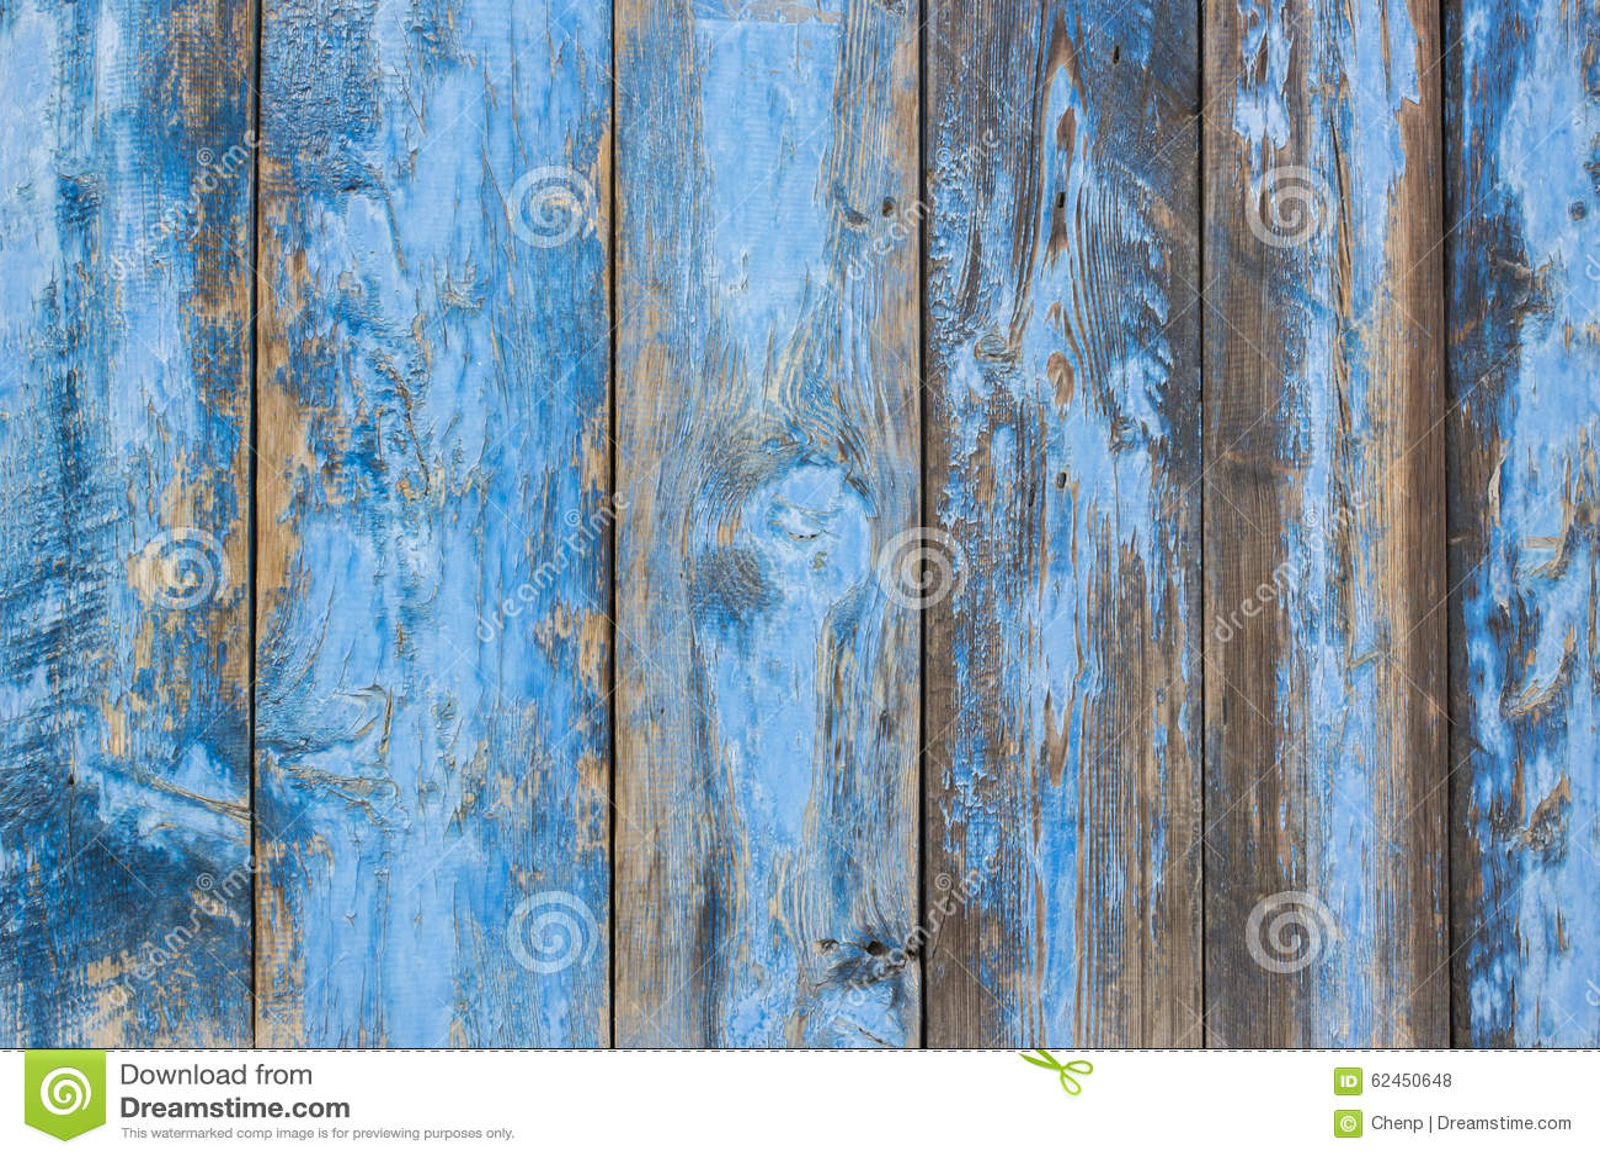 蓝灰色油漆呈杂色的木门